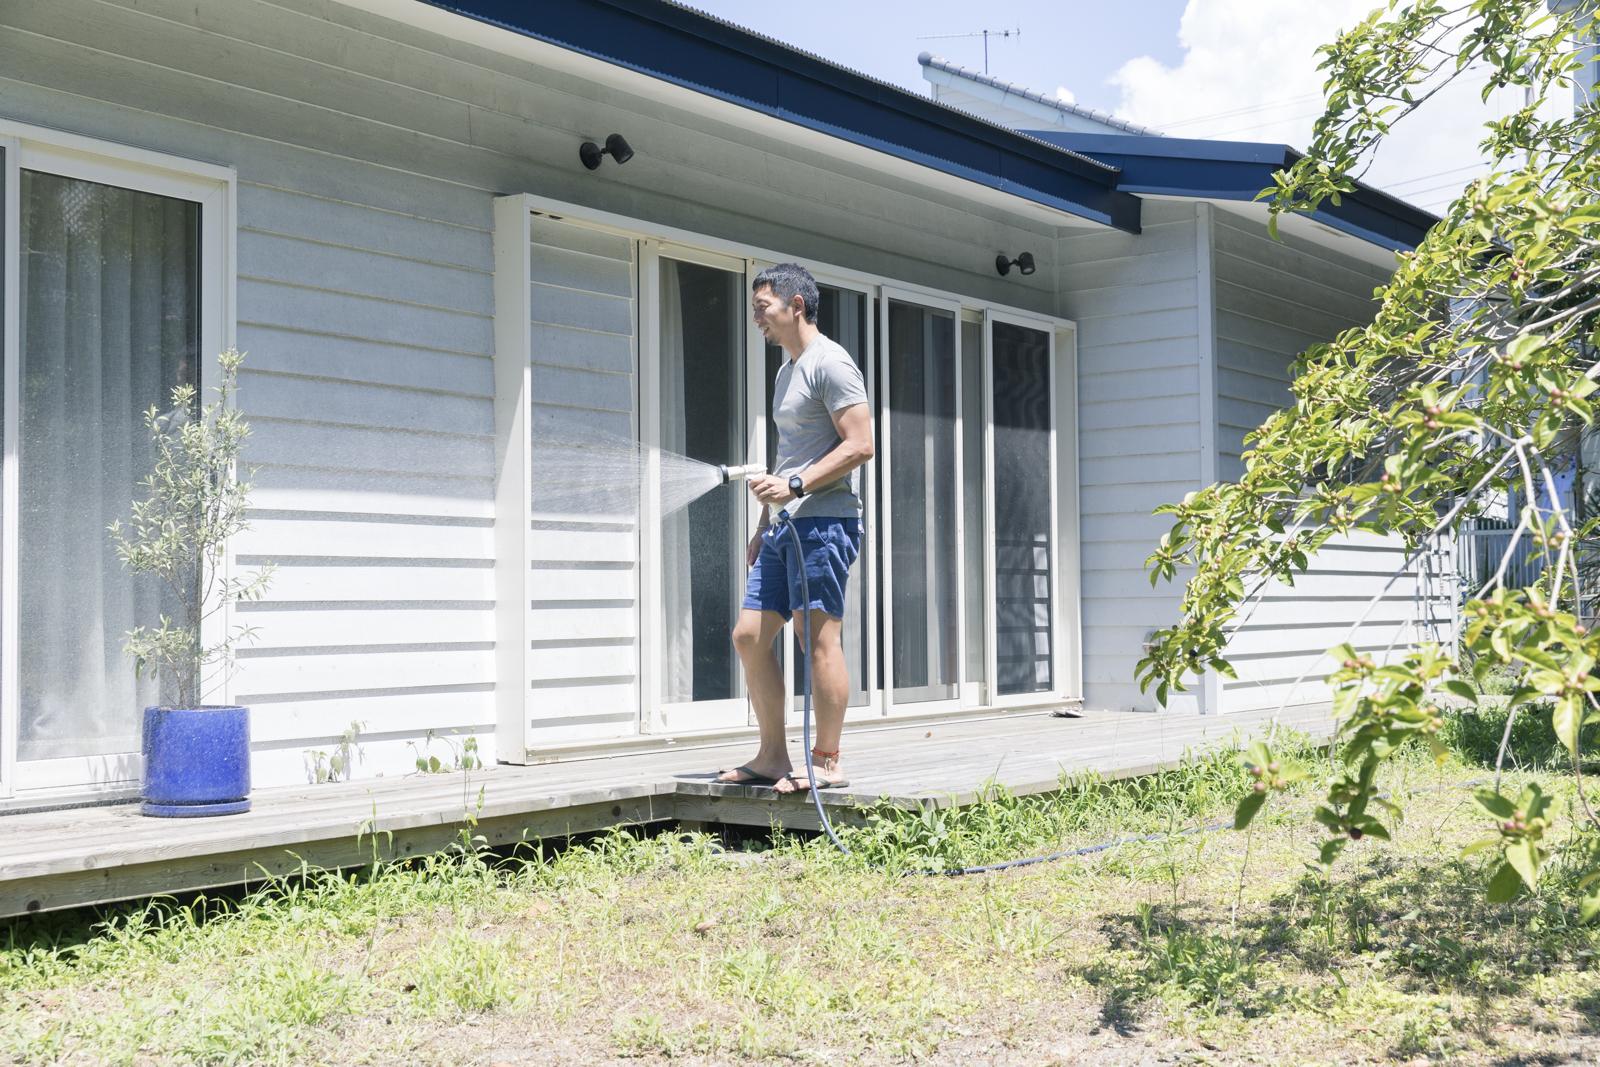 取り壊し予定だった築49年米軍ハウスをリノベした理由(神奈川県・葉山)|リノベストーリー